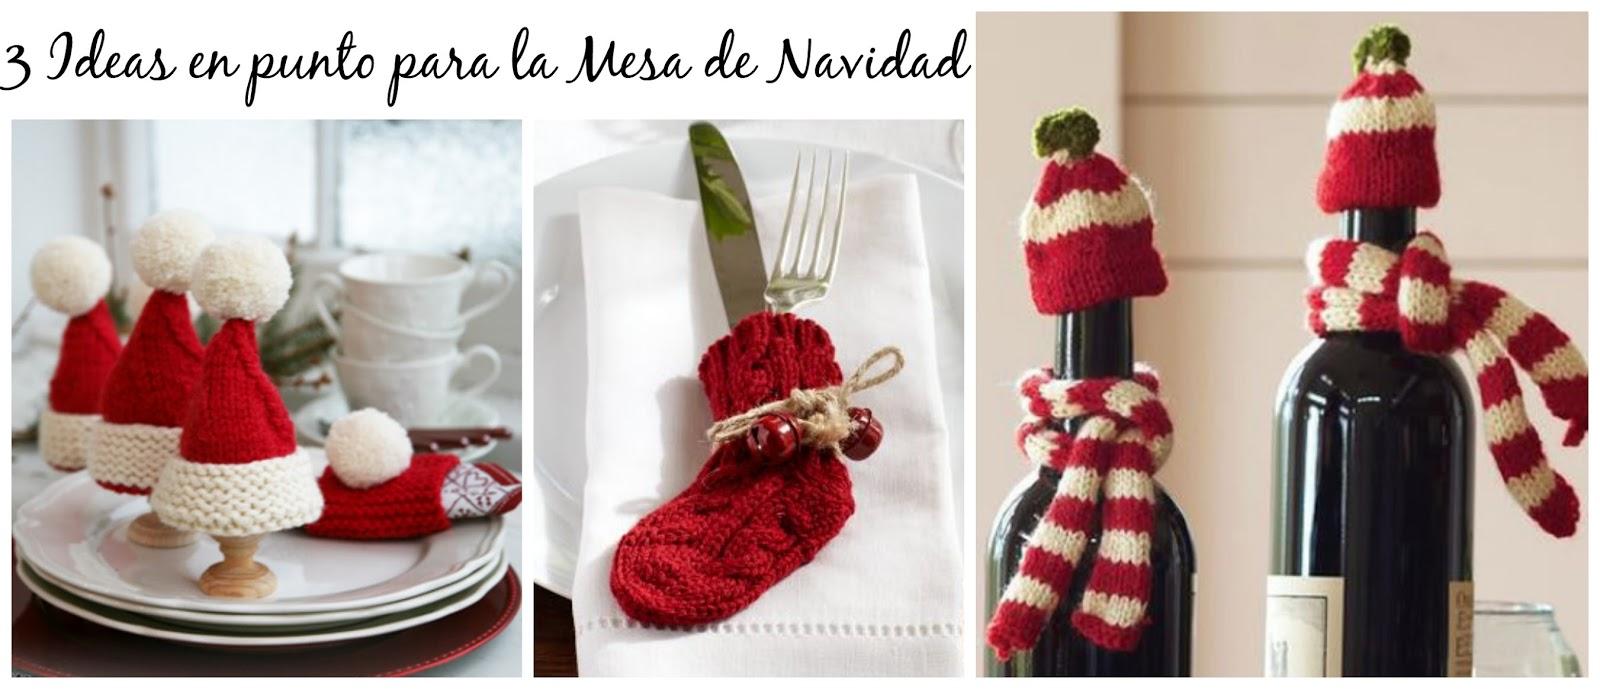 3 ideas en punto para la mesa de navidad for Ideas para decorar la mesa de navidad